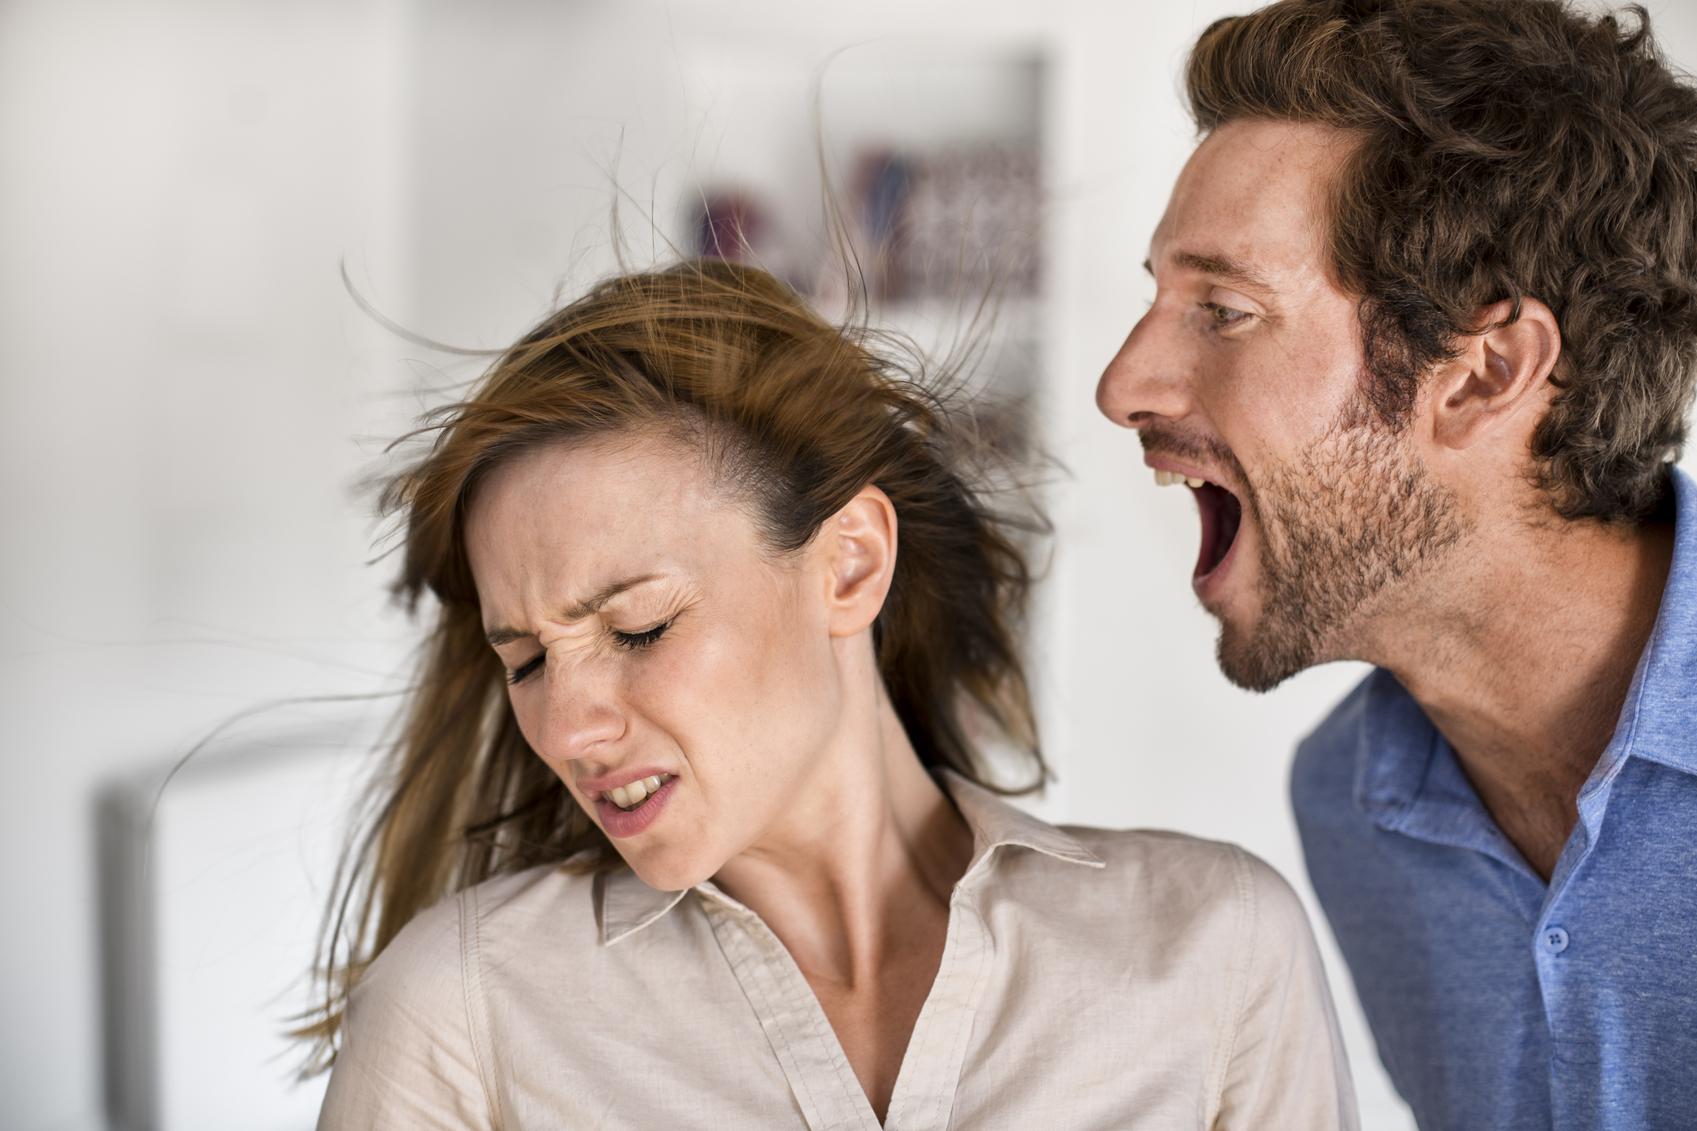 خصوصیات مردان بددل و نحوه بهترین برخورد با آنها